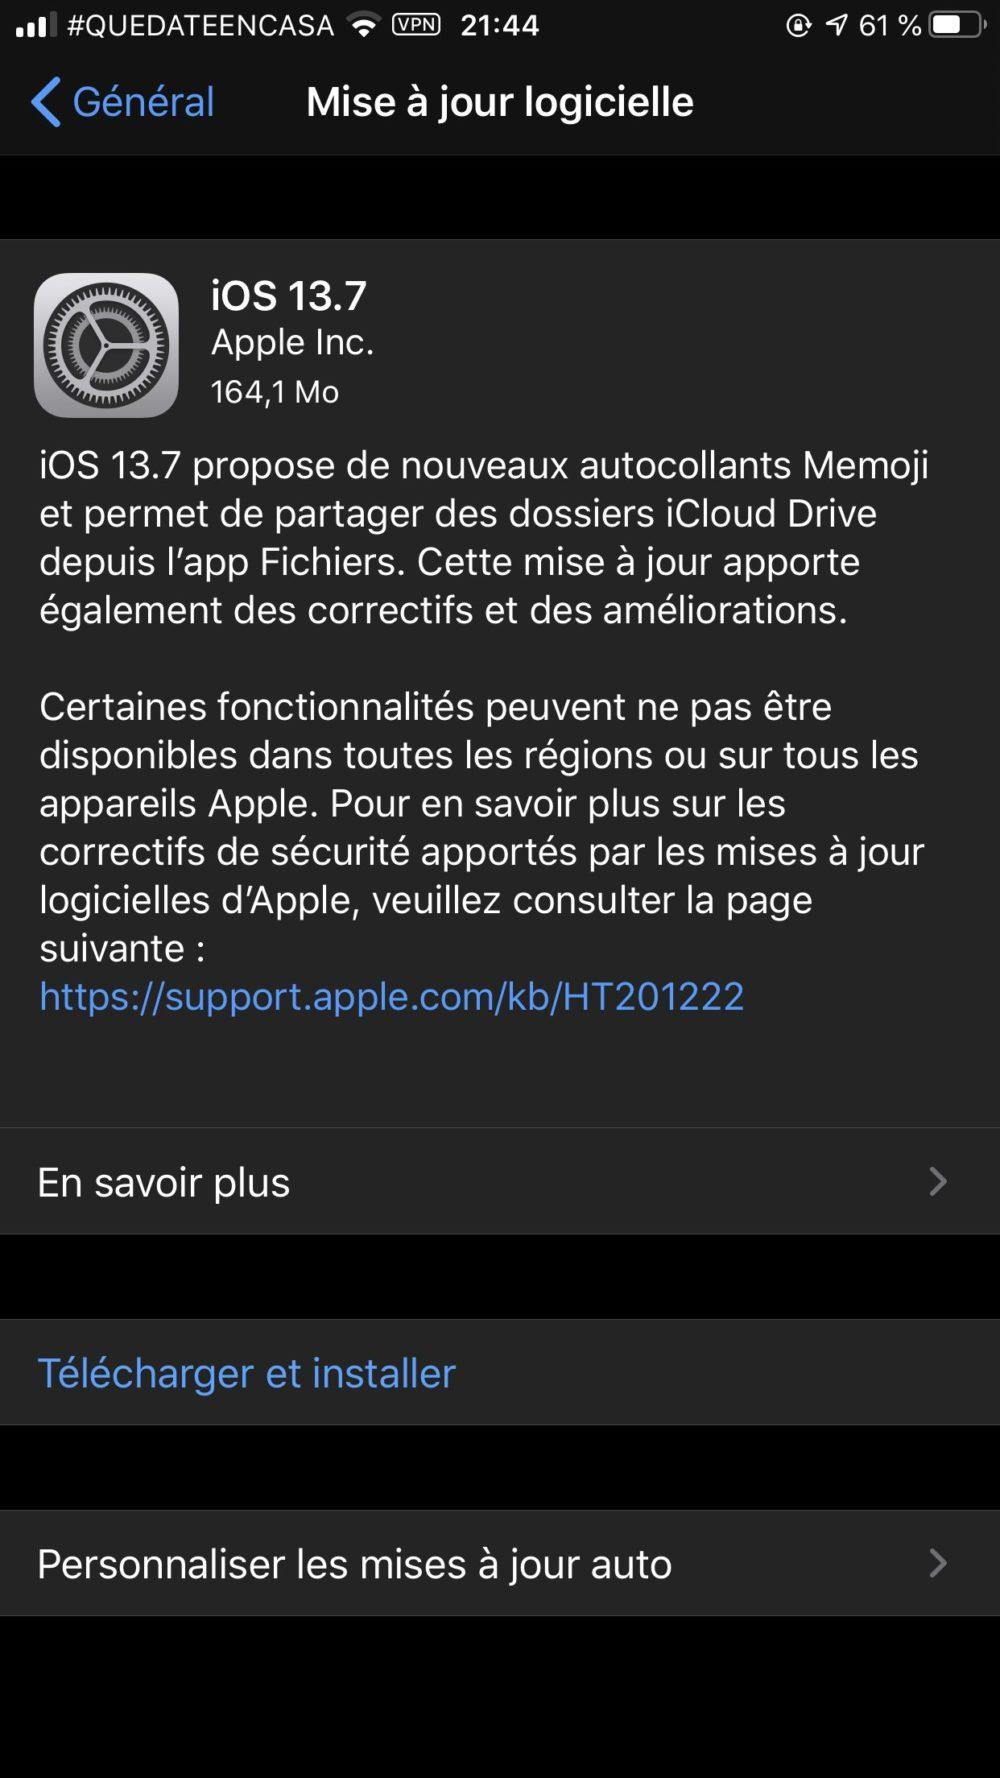 iOS 13.7 Apple lance iOS 13.7 : nouveau système de notifications COVID 19 intégré, nouveaux autocollants Memoji...